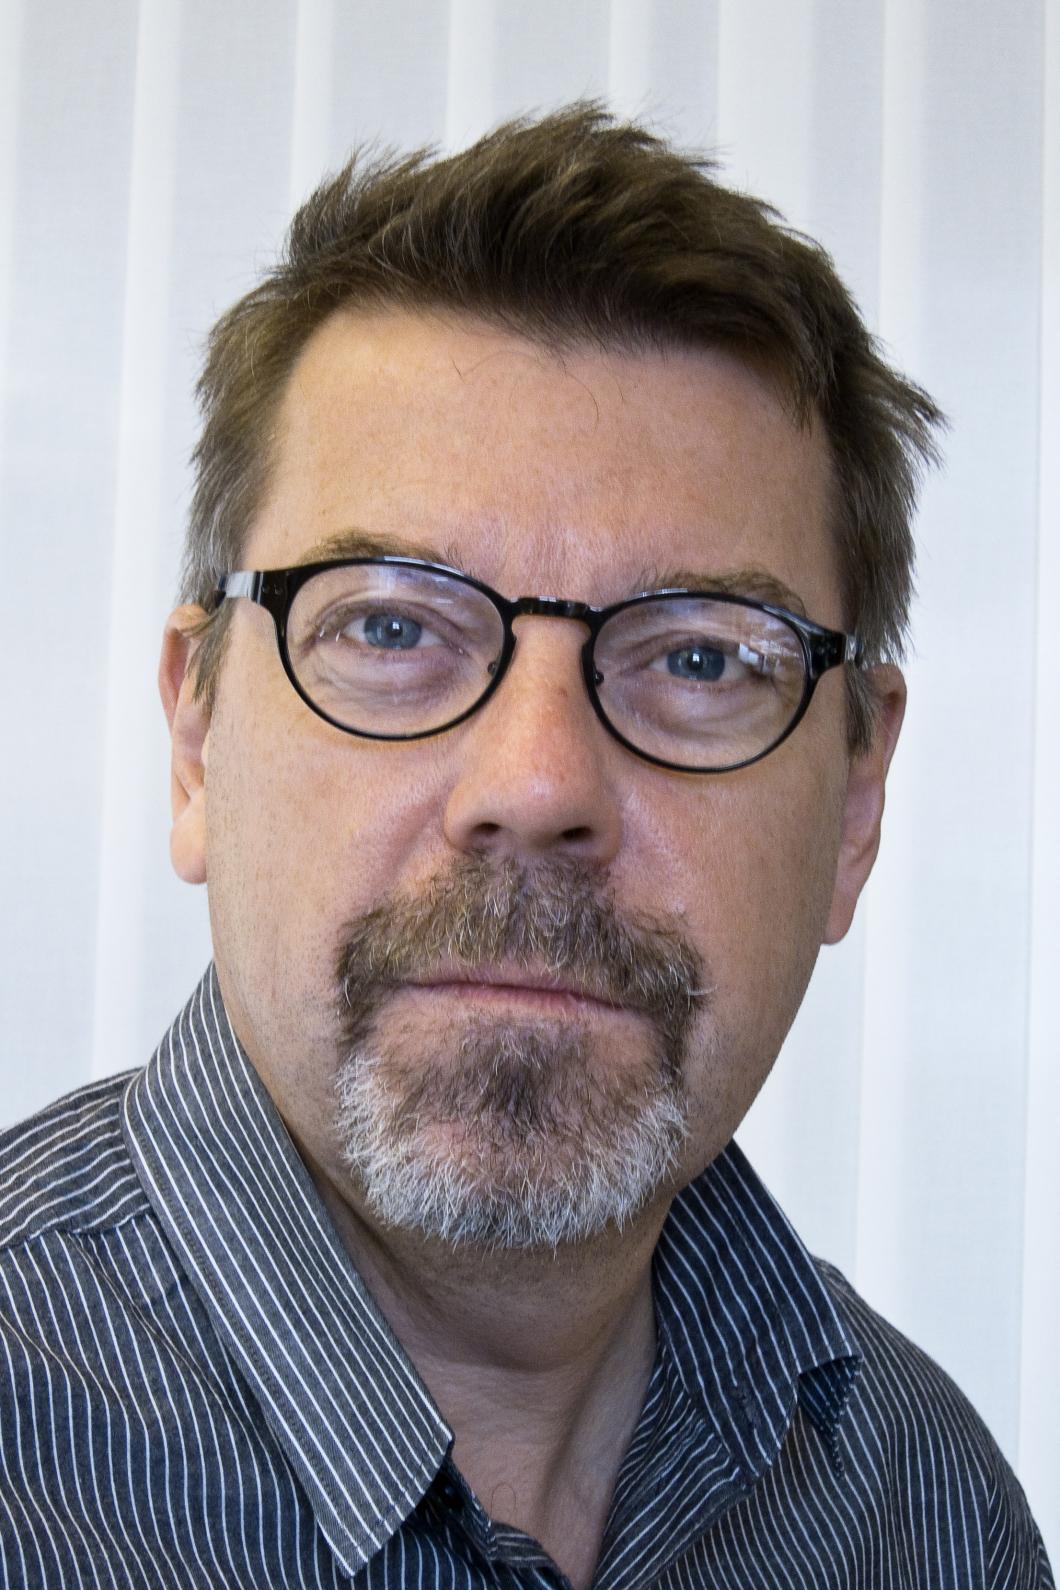 Vårdförbundet starkt kritiskt till löneöversynen i Region Skåne